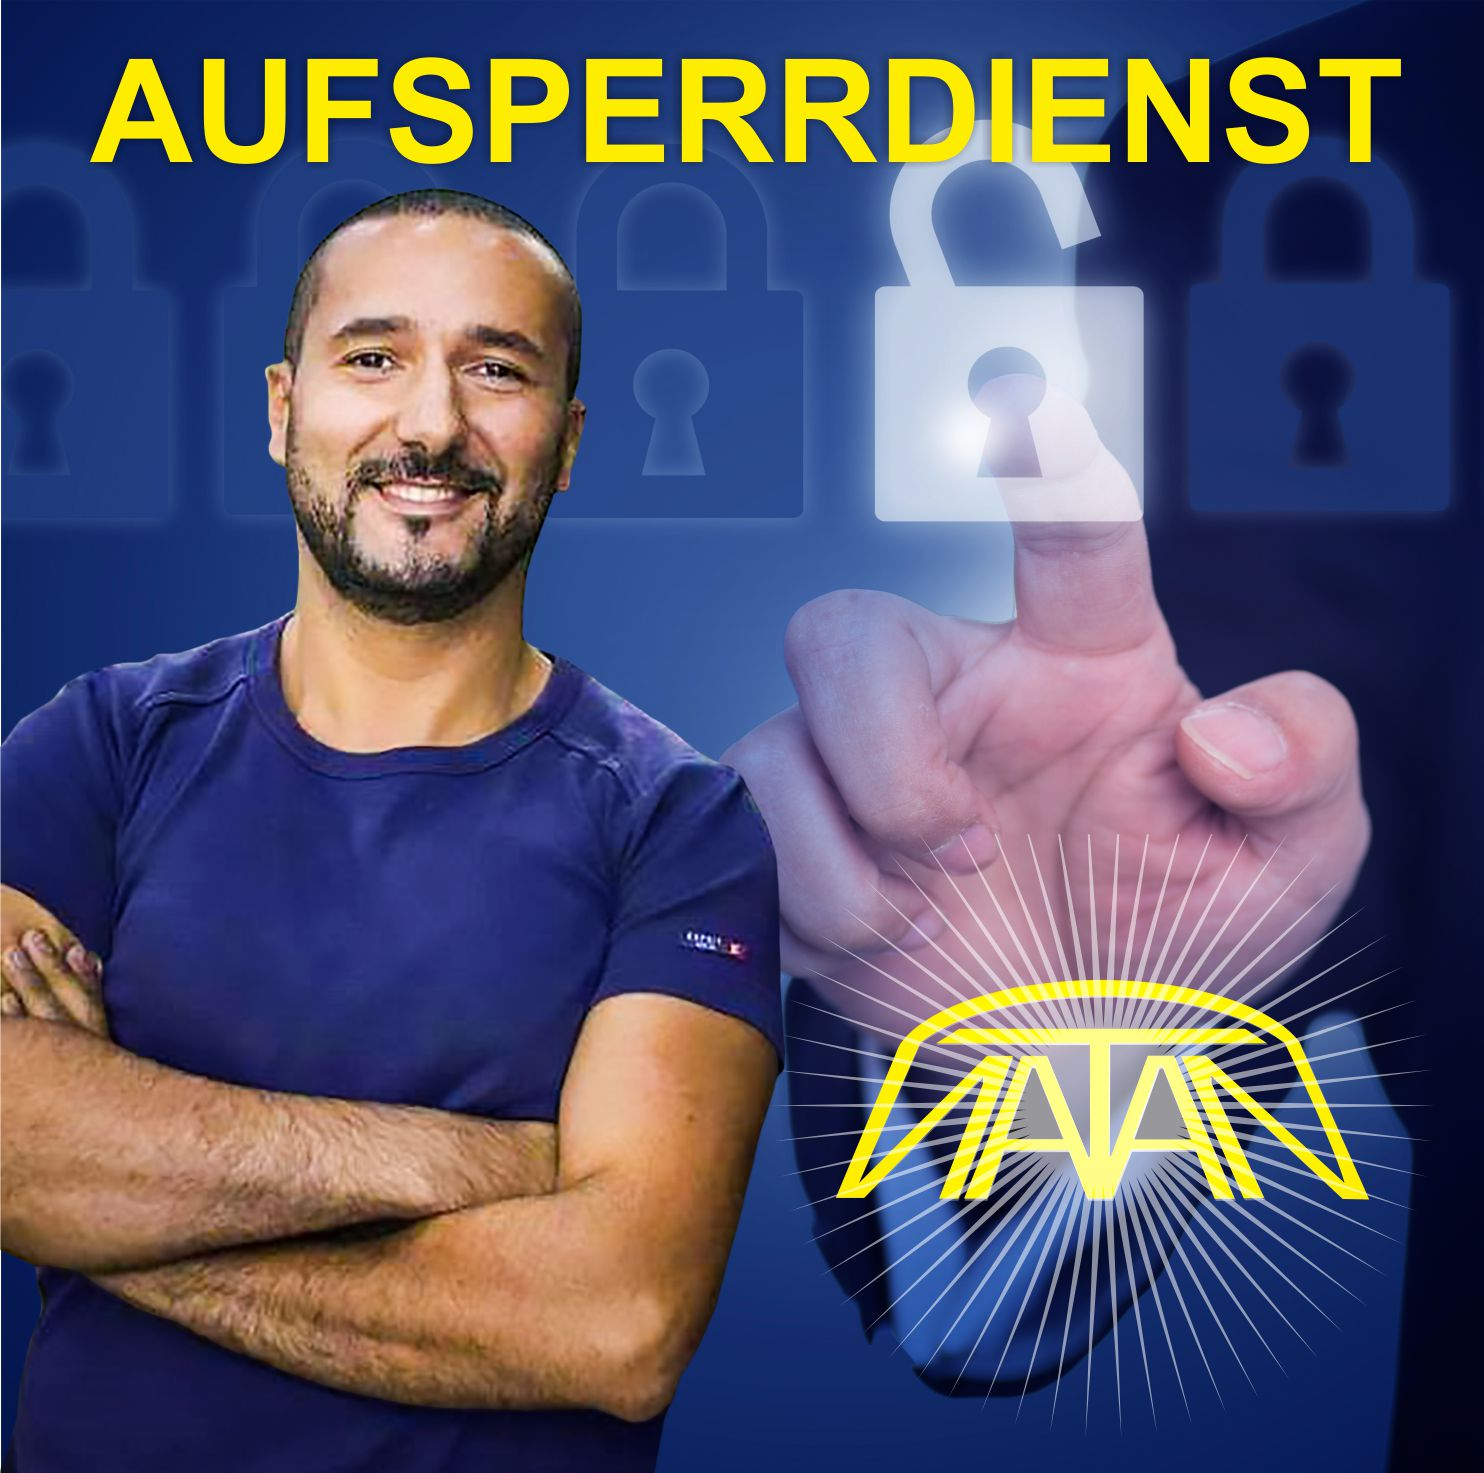 Aufsperrdienst Natan GmbH